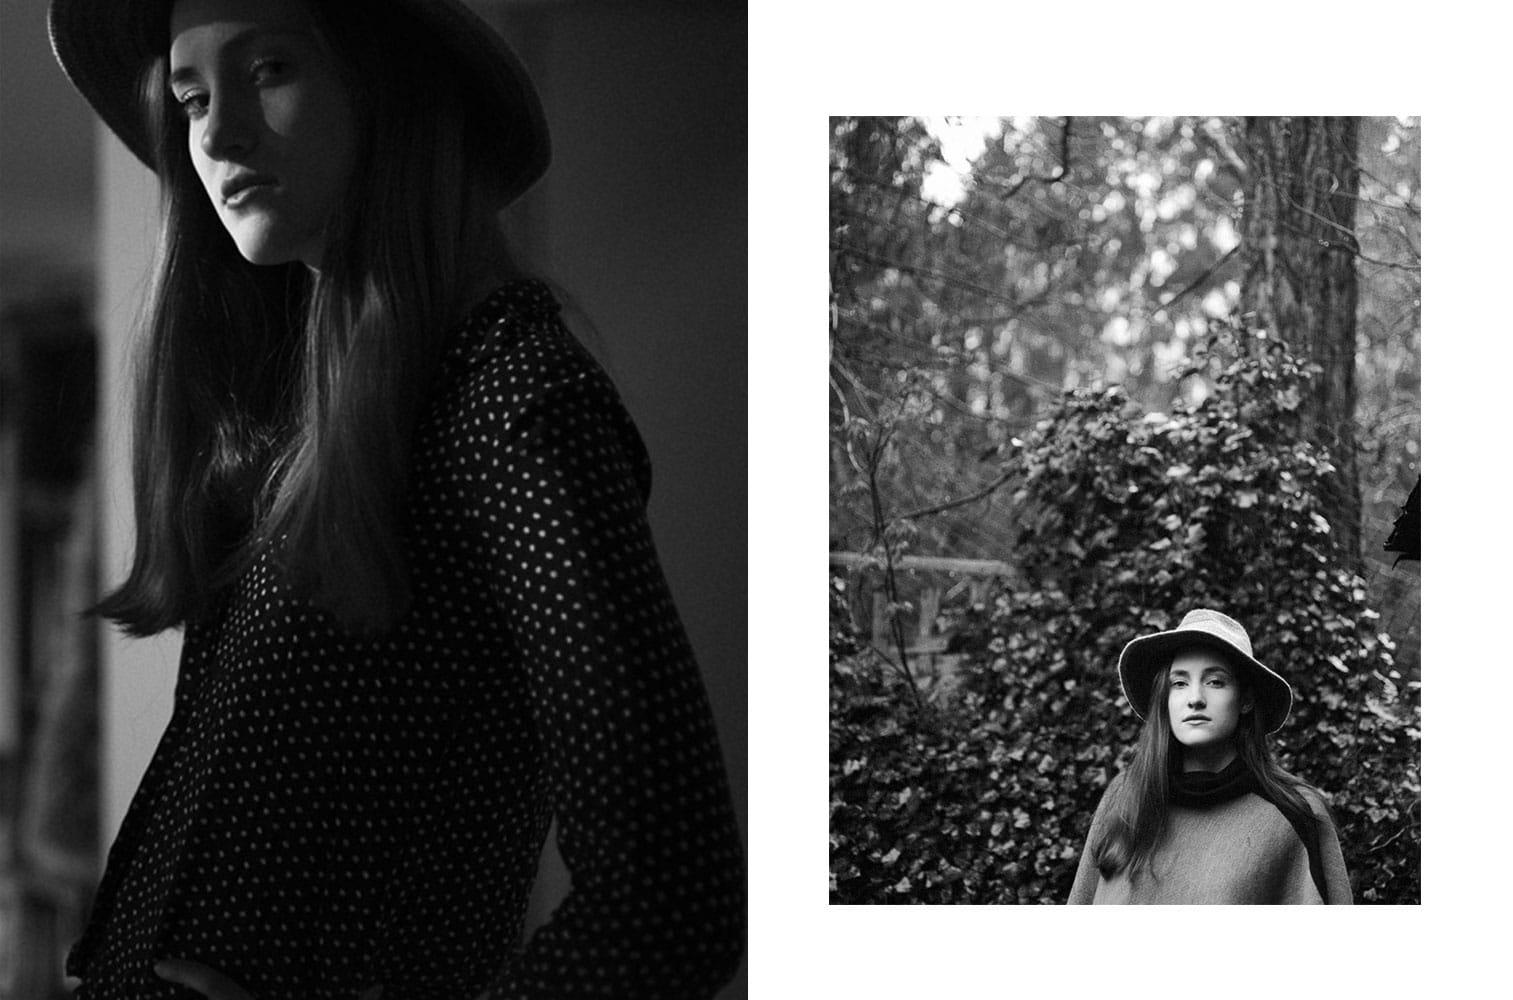 stilpirat_anna_belen_portrait_5